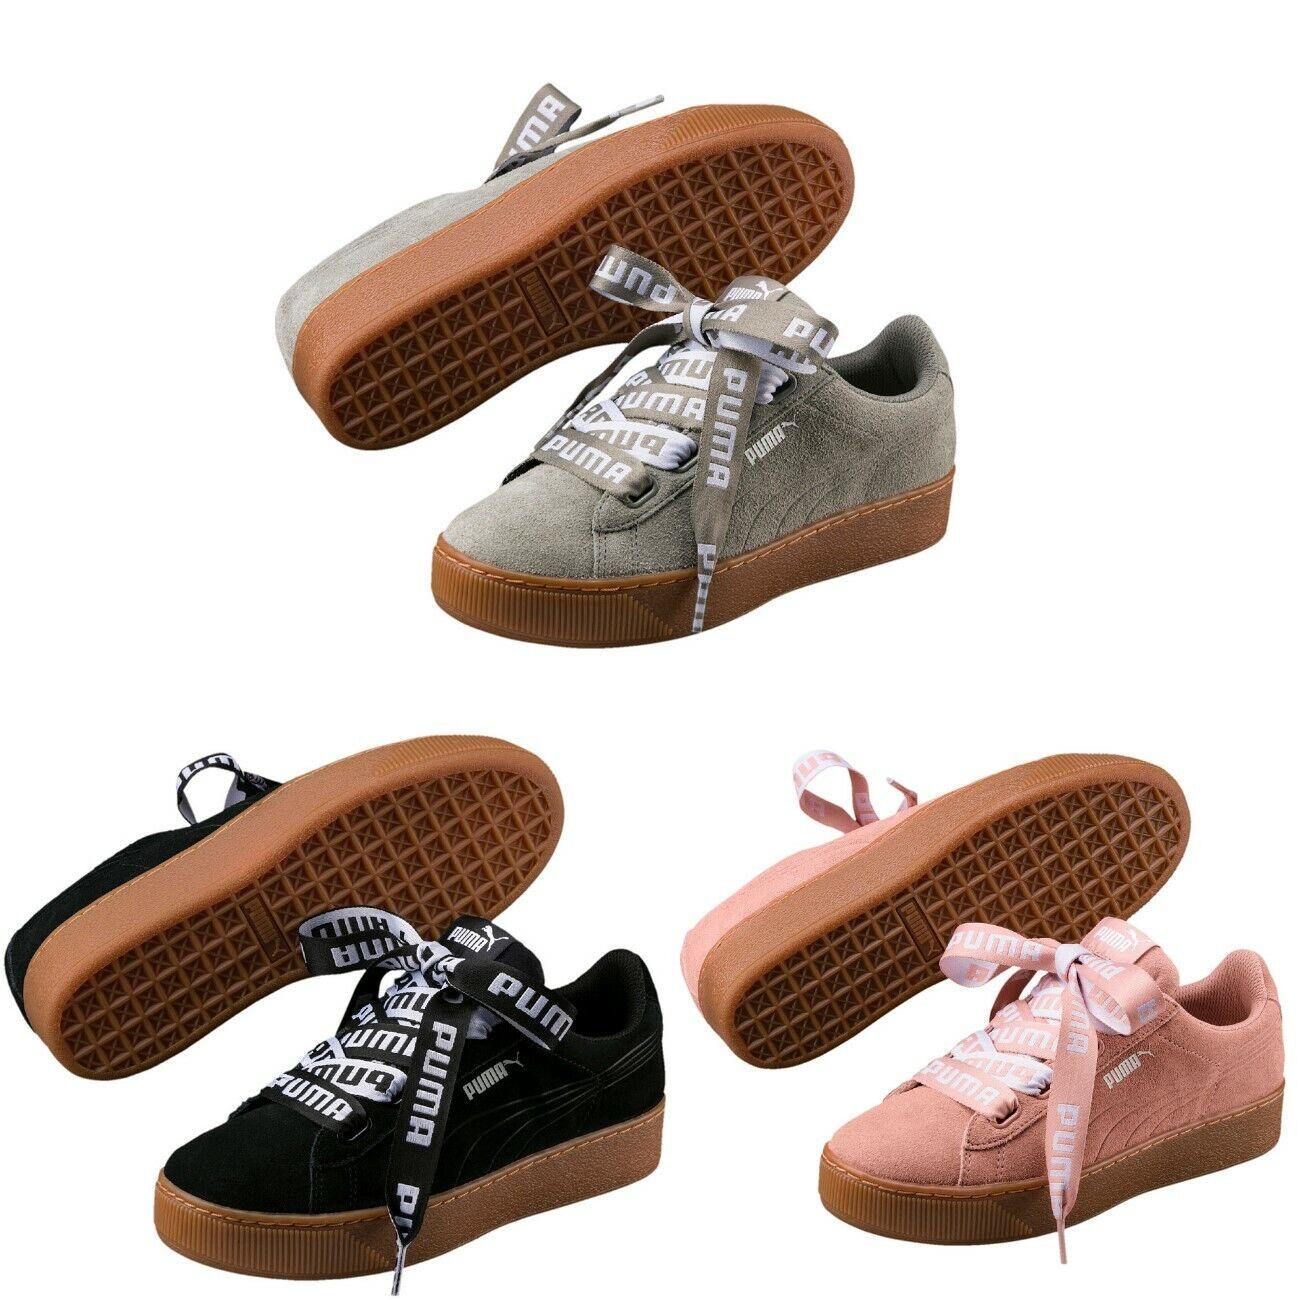 e5c1836669717b Puma Schuhe Damen Rosa Test Vergleich +++ Puma Schuhe Damen Rosa ...